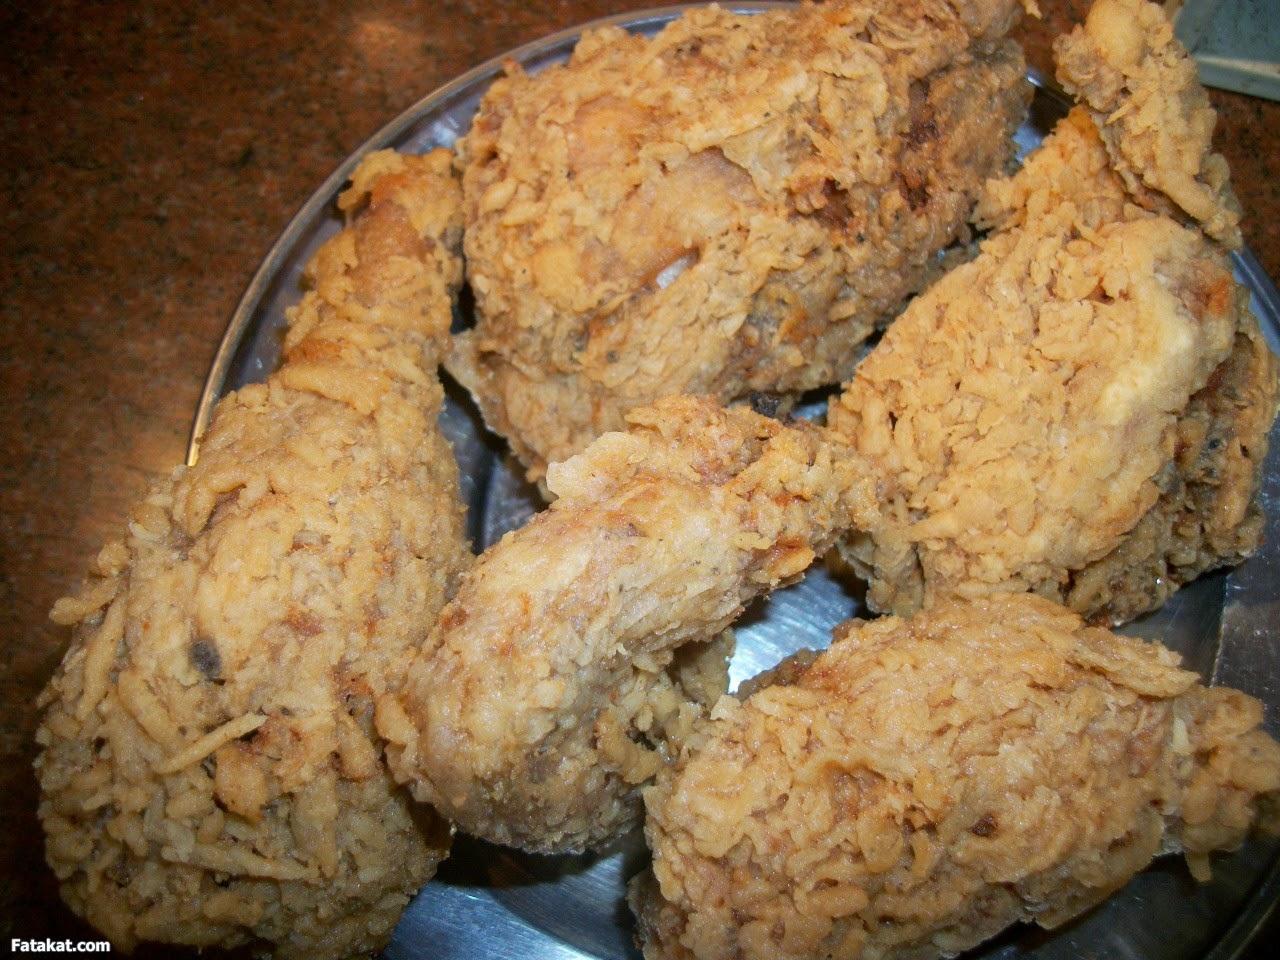 تتبيلة قطع دجاج كنتاكى المقرمشة // دجاج كنتاكى الحار المقرمش // طريقة عمل سلطة كنتاكي